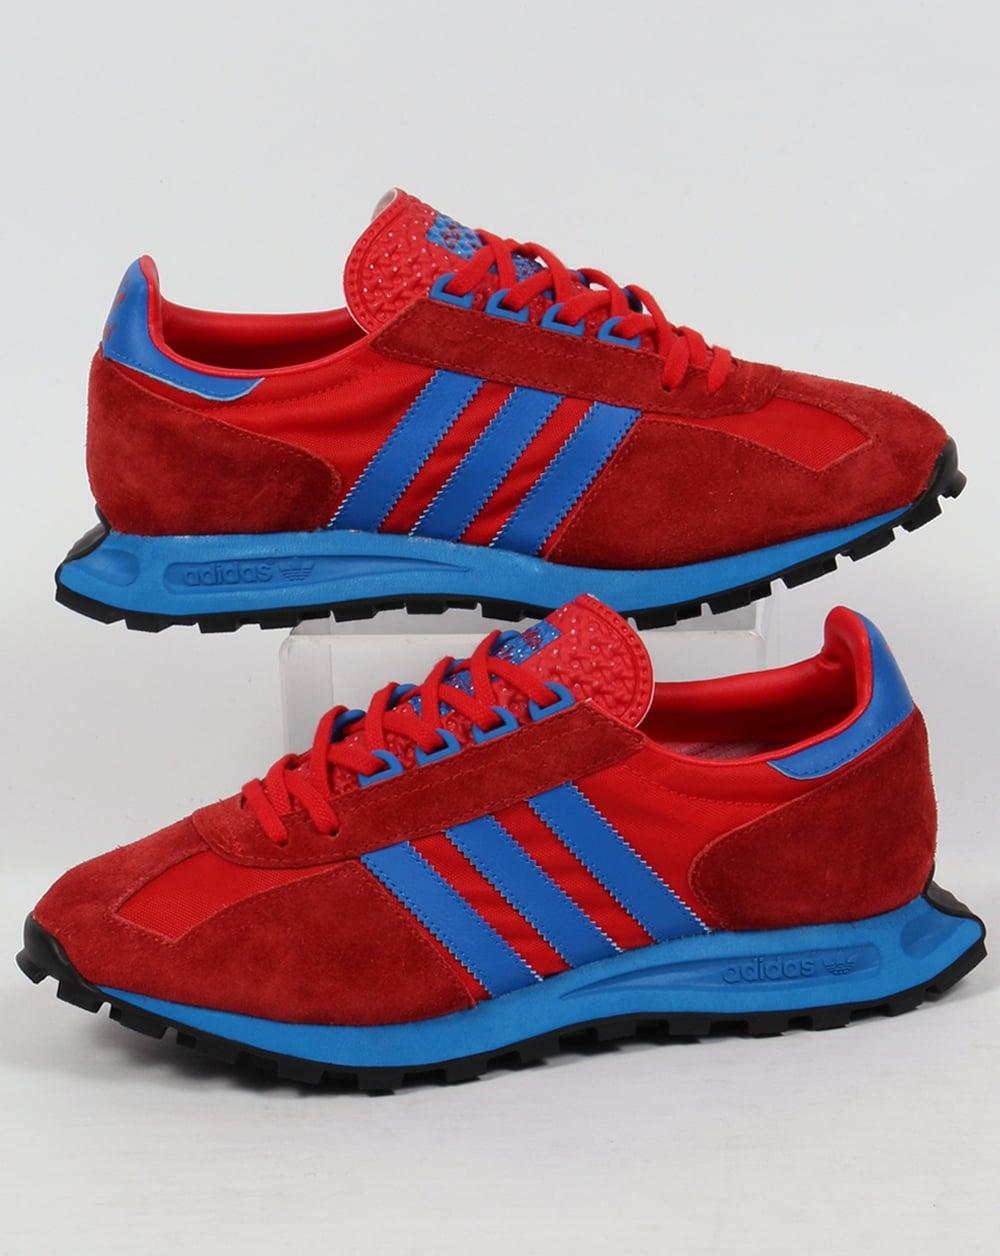 f9297b418ff9 adidas Trainers Adidas Formel 1 Trainers Red Bluebird